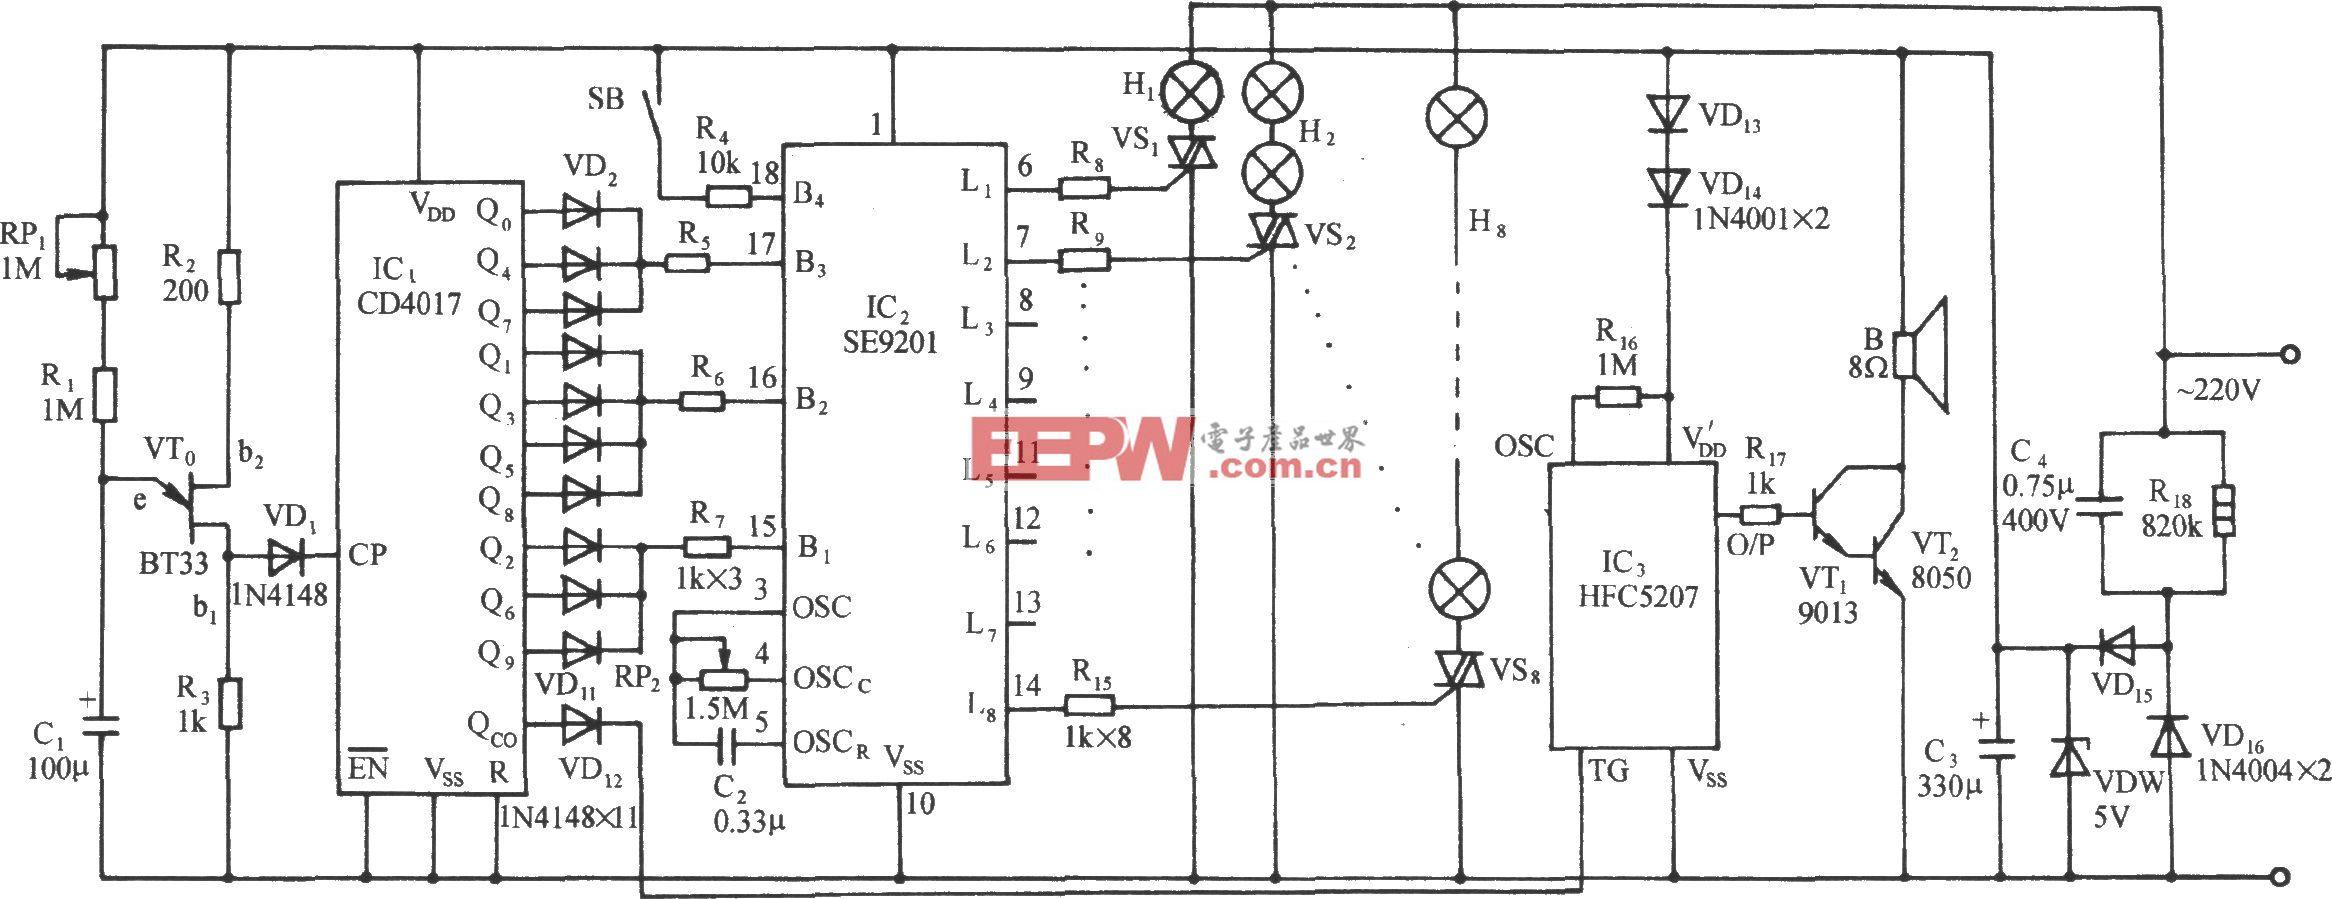 SE9201多功能程控闪光彩灯伴迪斯科乐曲自动控制电路